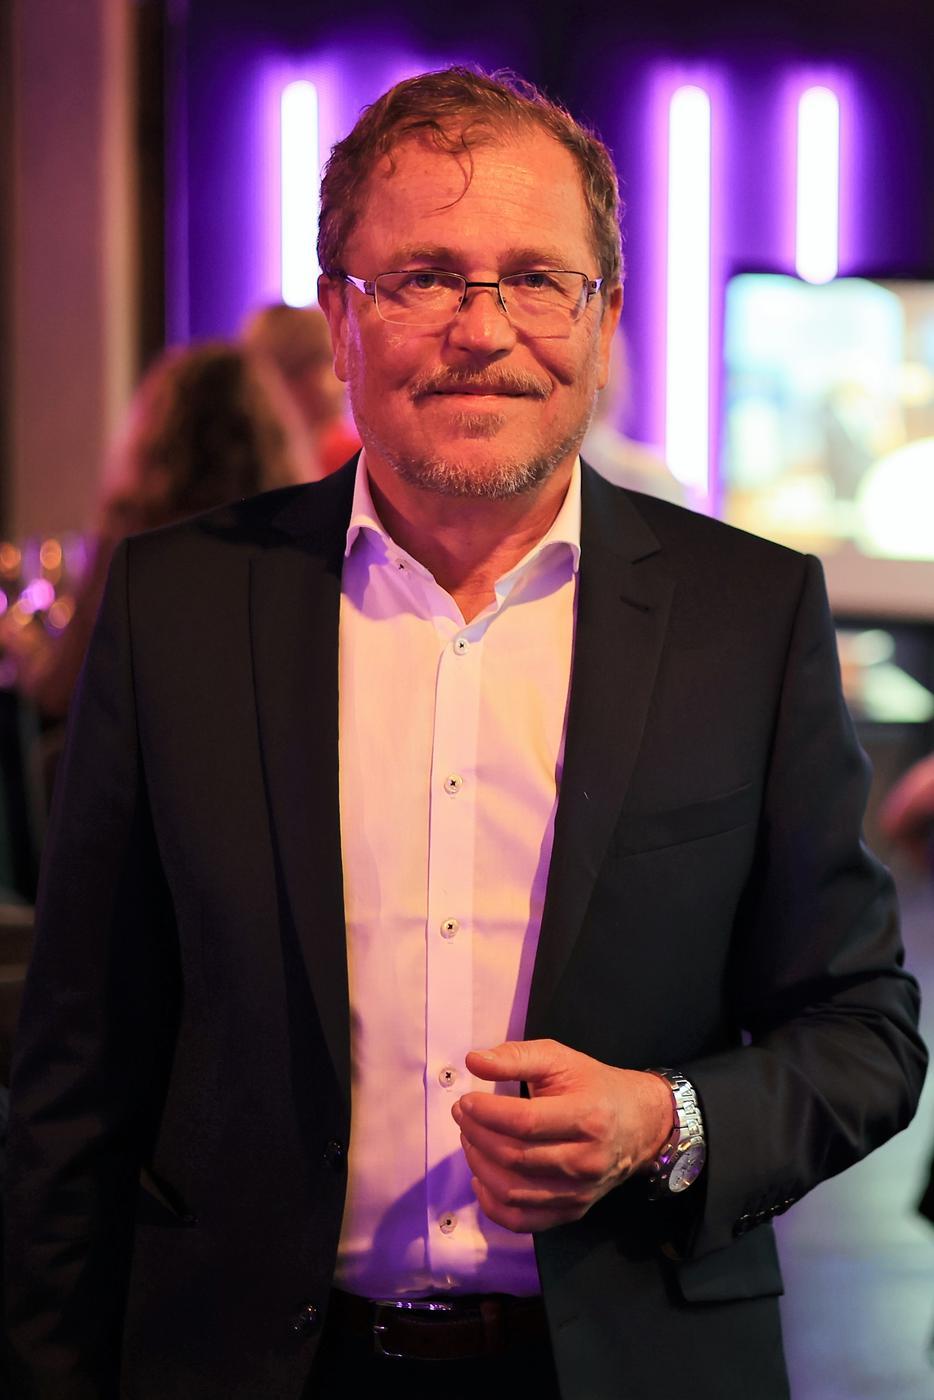 Rainer Semet